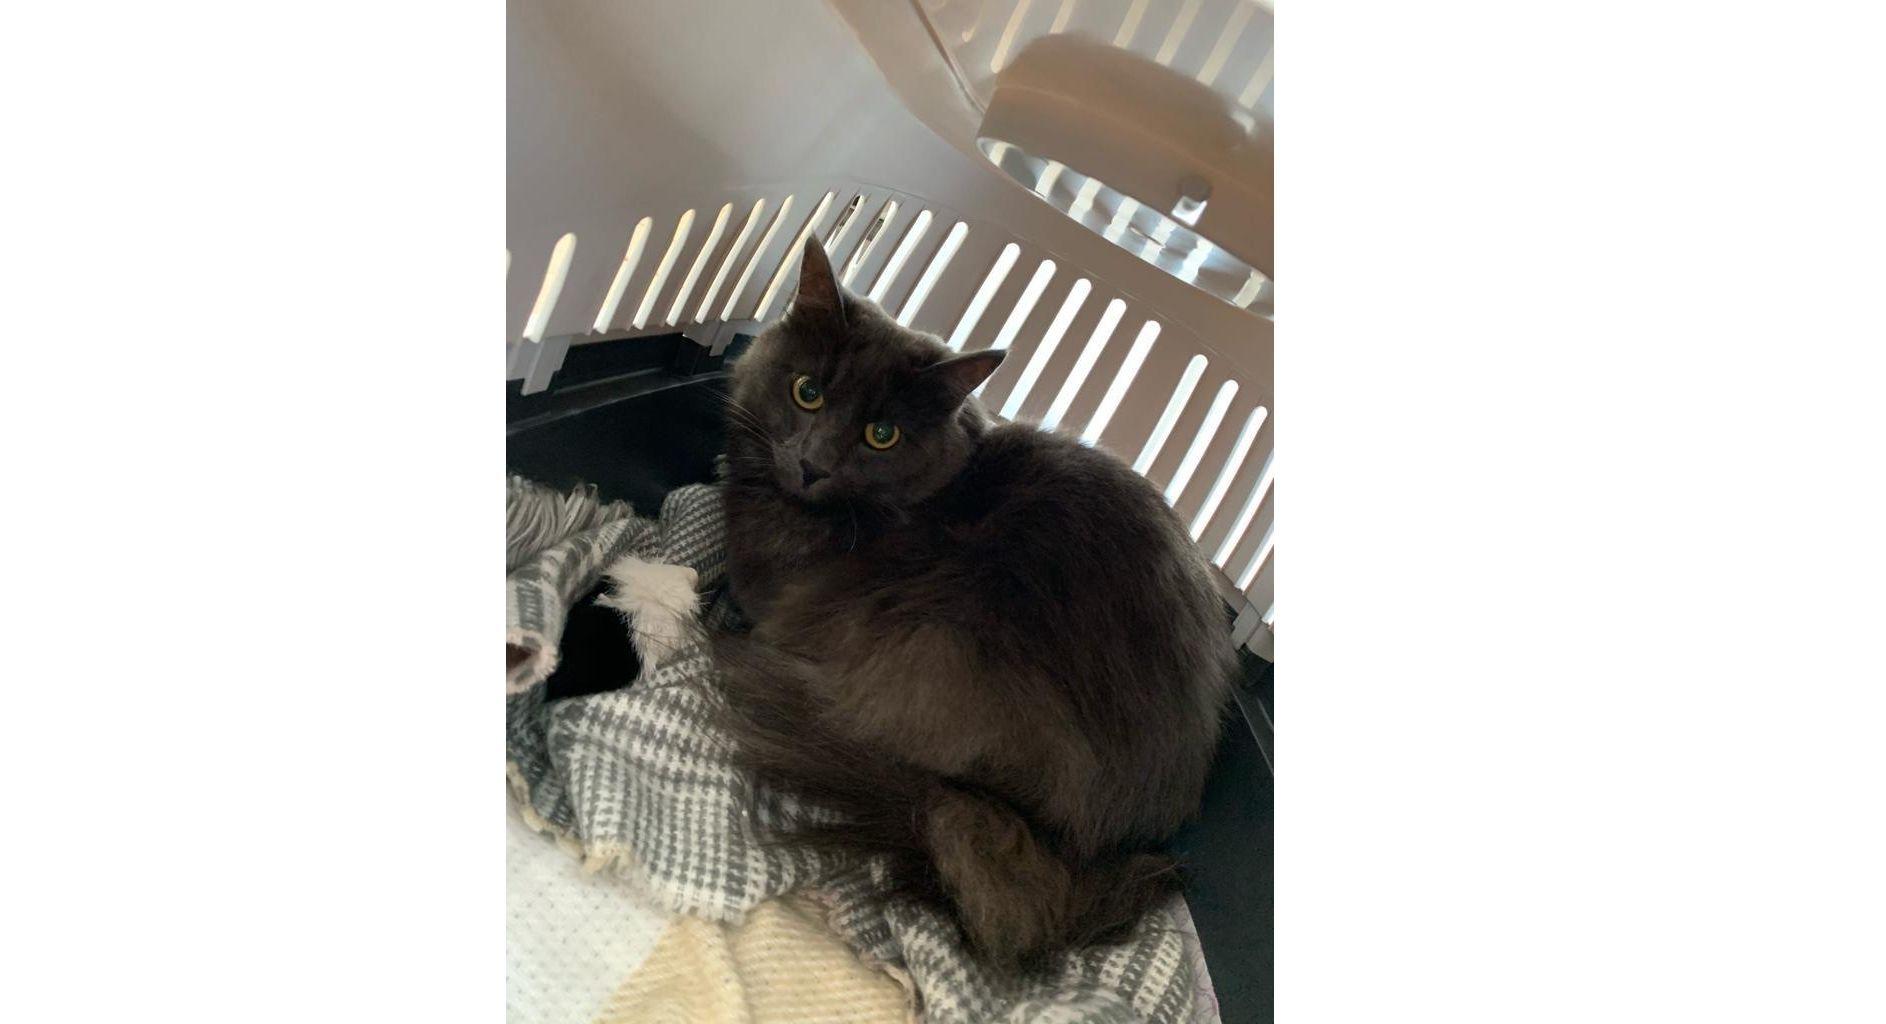 Спустя пять месяцев в Ярославле нашли сбежавшего в аэропорту кота